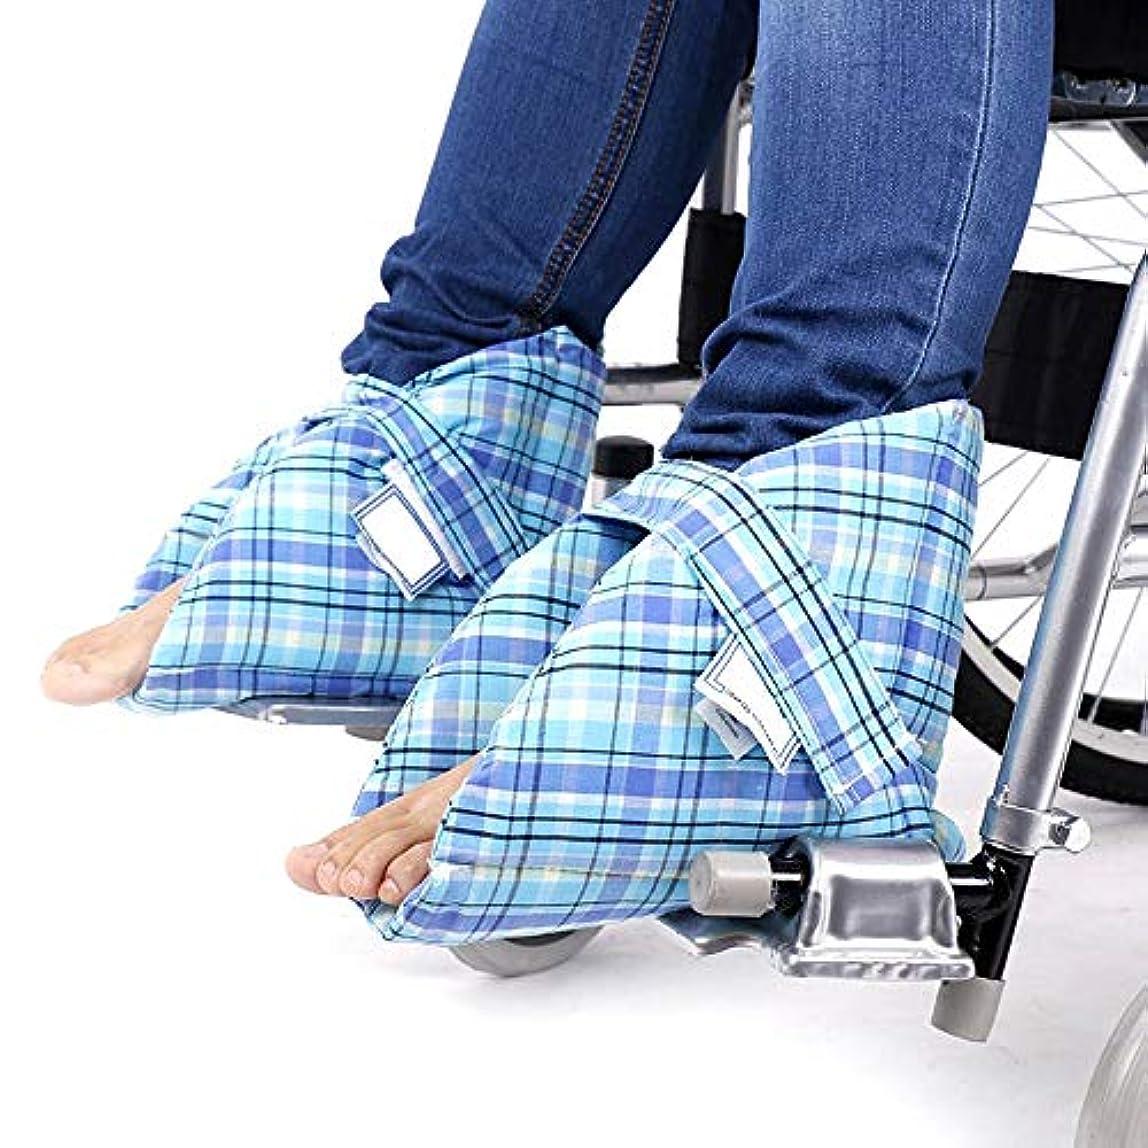 媒染剤実り多い集団的褥瘡および腱の残りのための医療用ヒールクッションプロテクター - 車椅子高齢者足首保護枕 - 1ペア